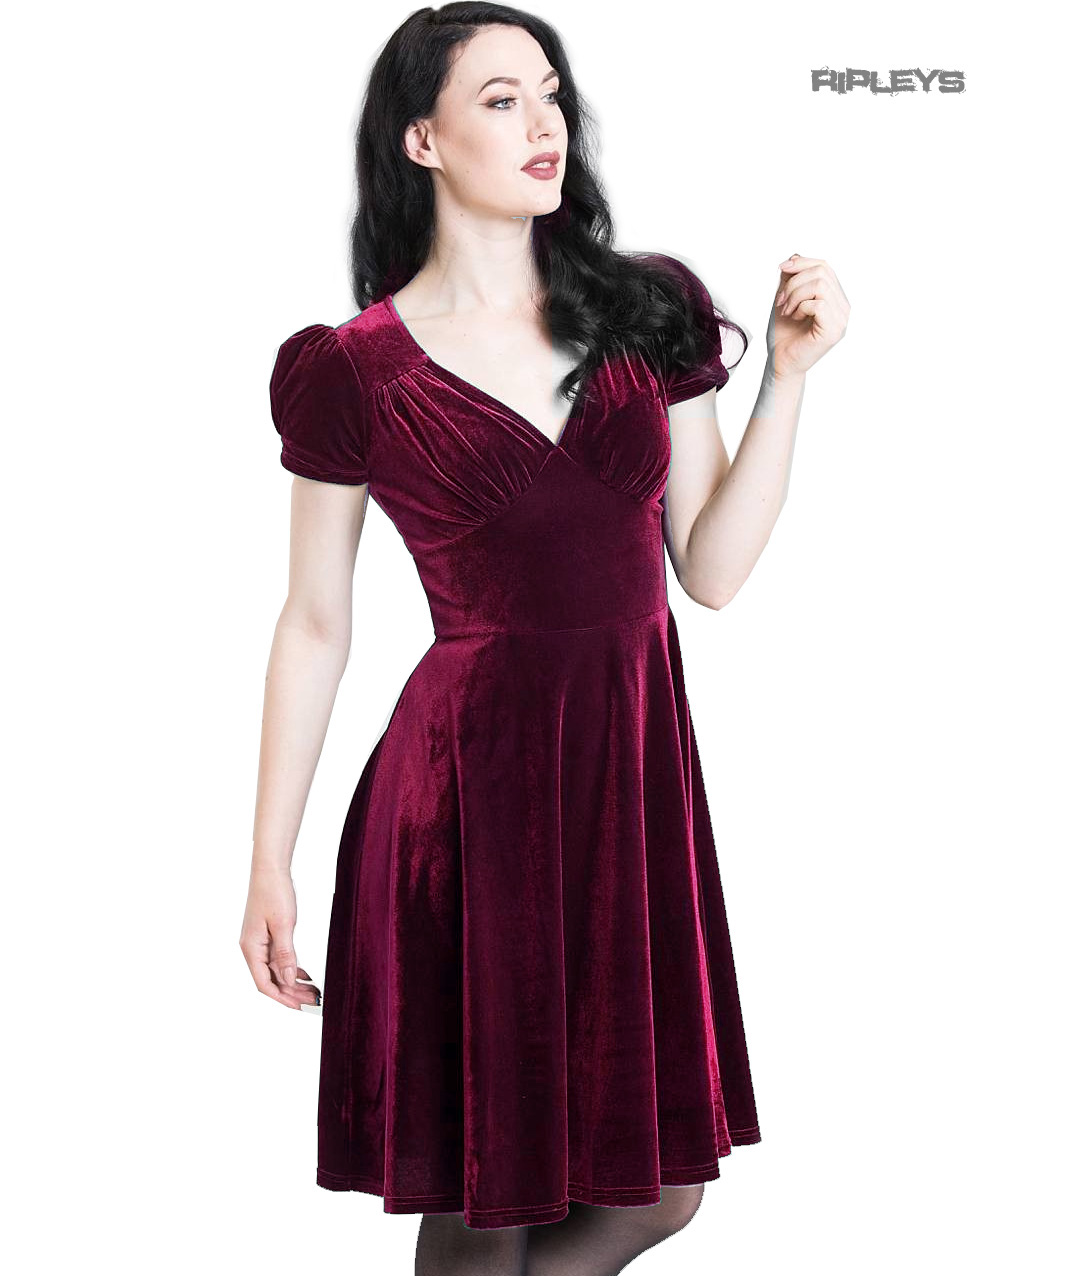 Hell-Bunny-40s-50s-Elegant-Pin-Up-Dress-JOANNE-Crushed-Velvet-Burgundy-All-Sizes thumbnail 14